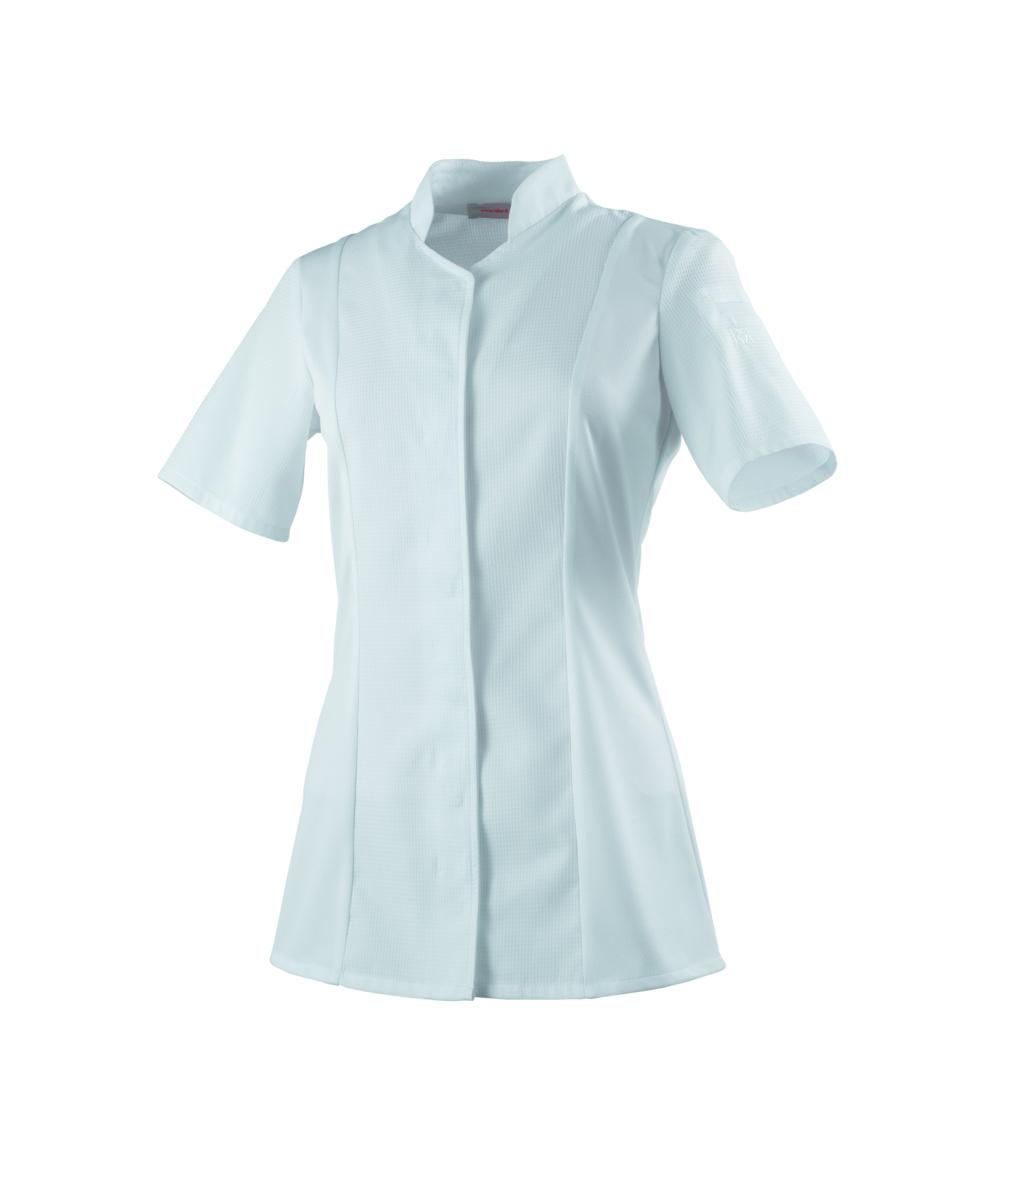 Veste femme manches courtes blanc taille 4 Abella Robur